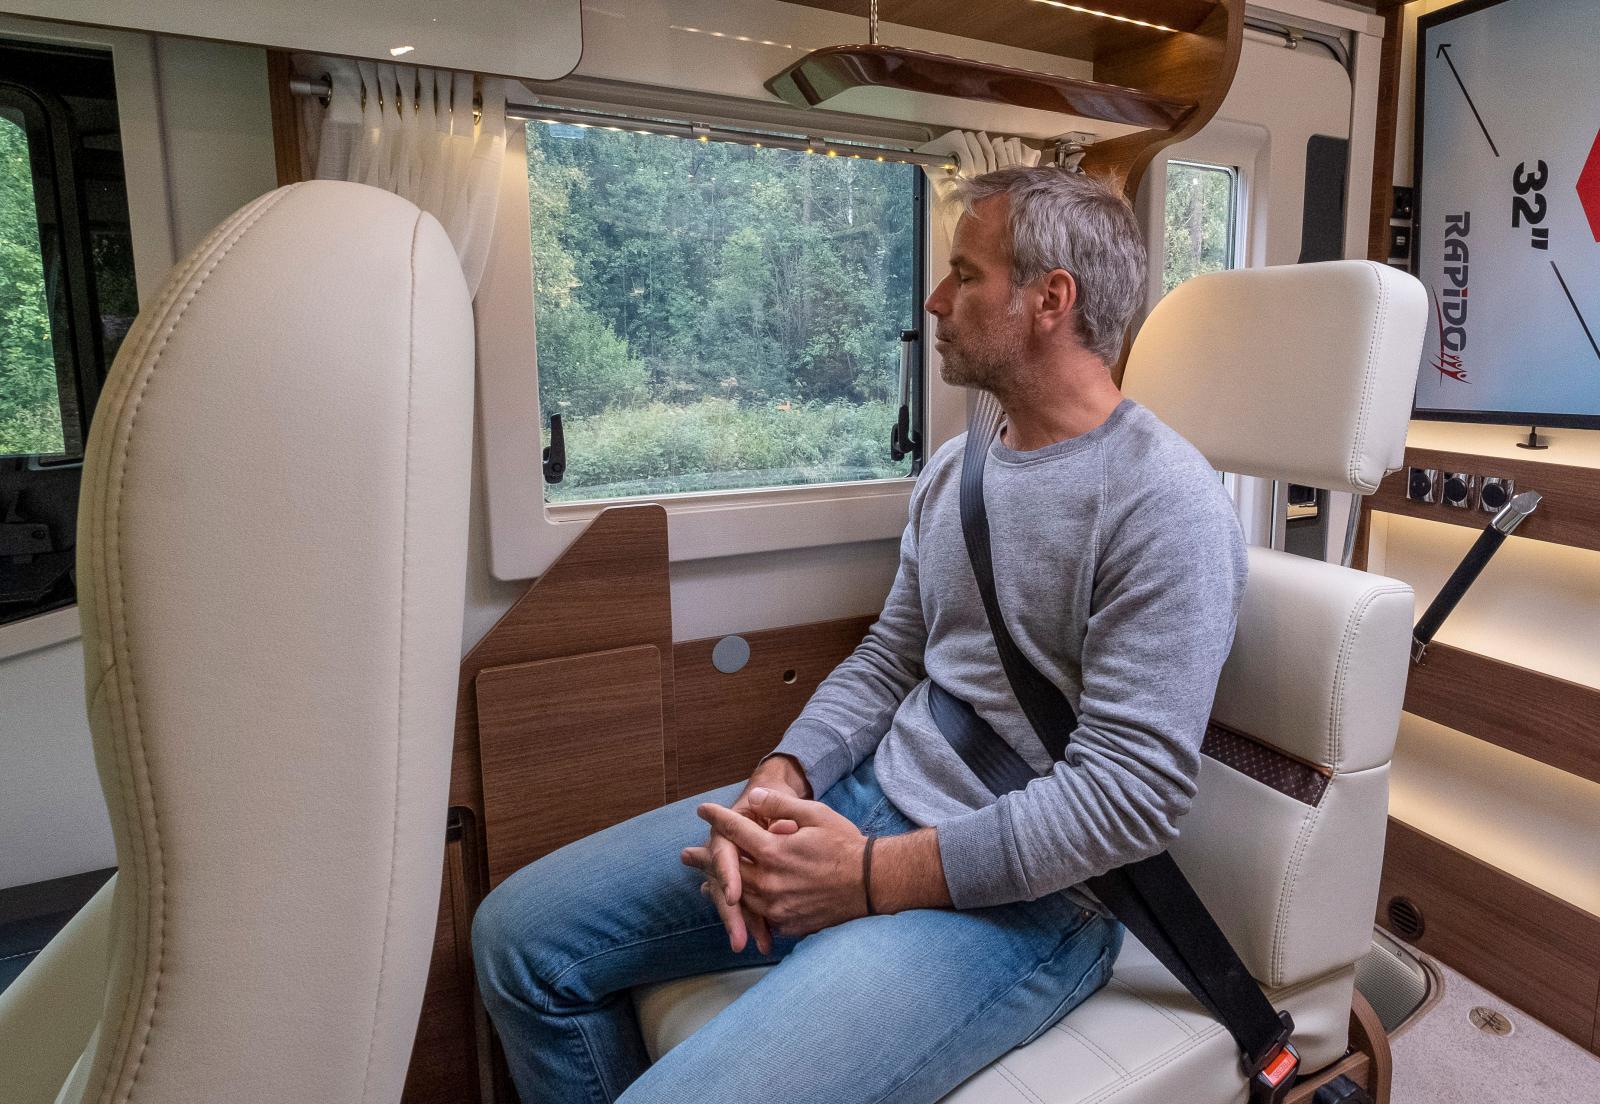 Båda sofforna kan omvandlas till sittplatser som har bra utsikt och passageraren sitter bekvämt.